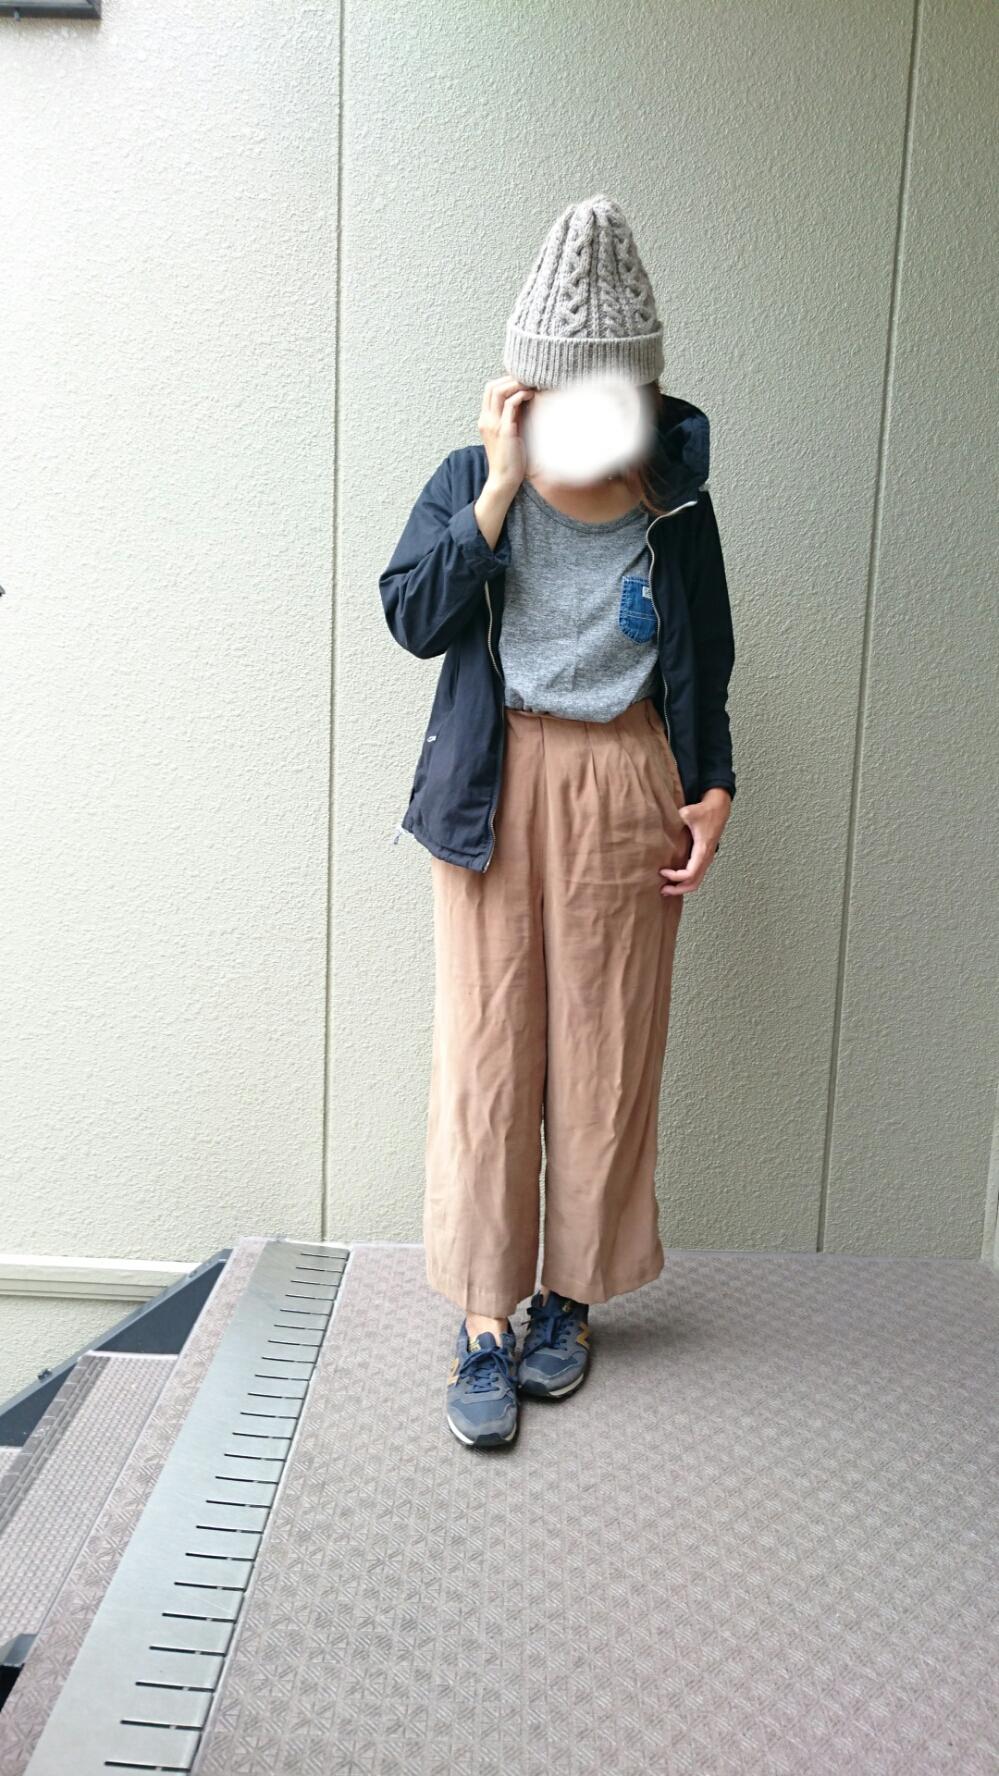 rakugaki_20161005142934002.jpg